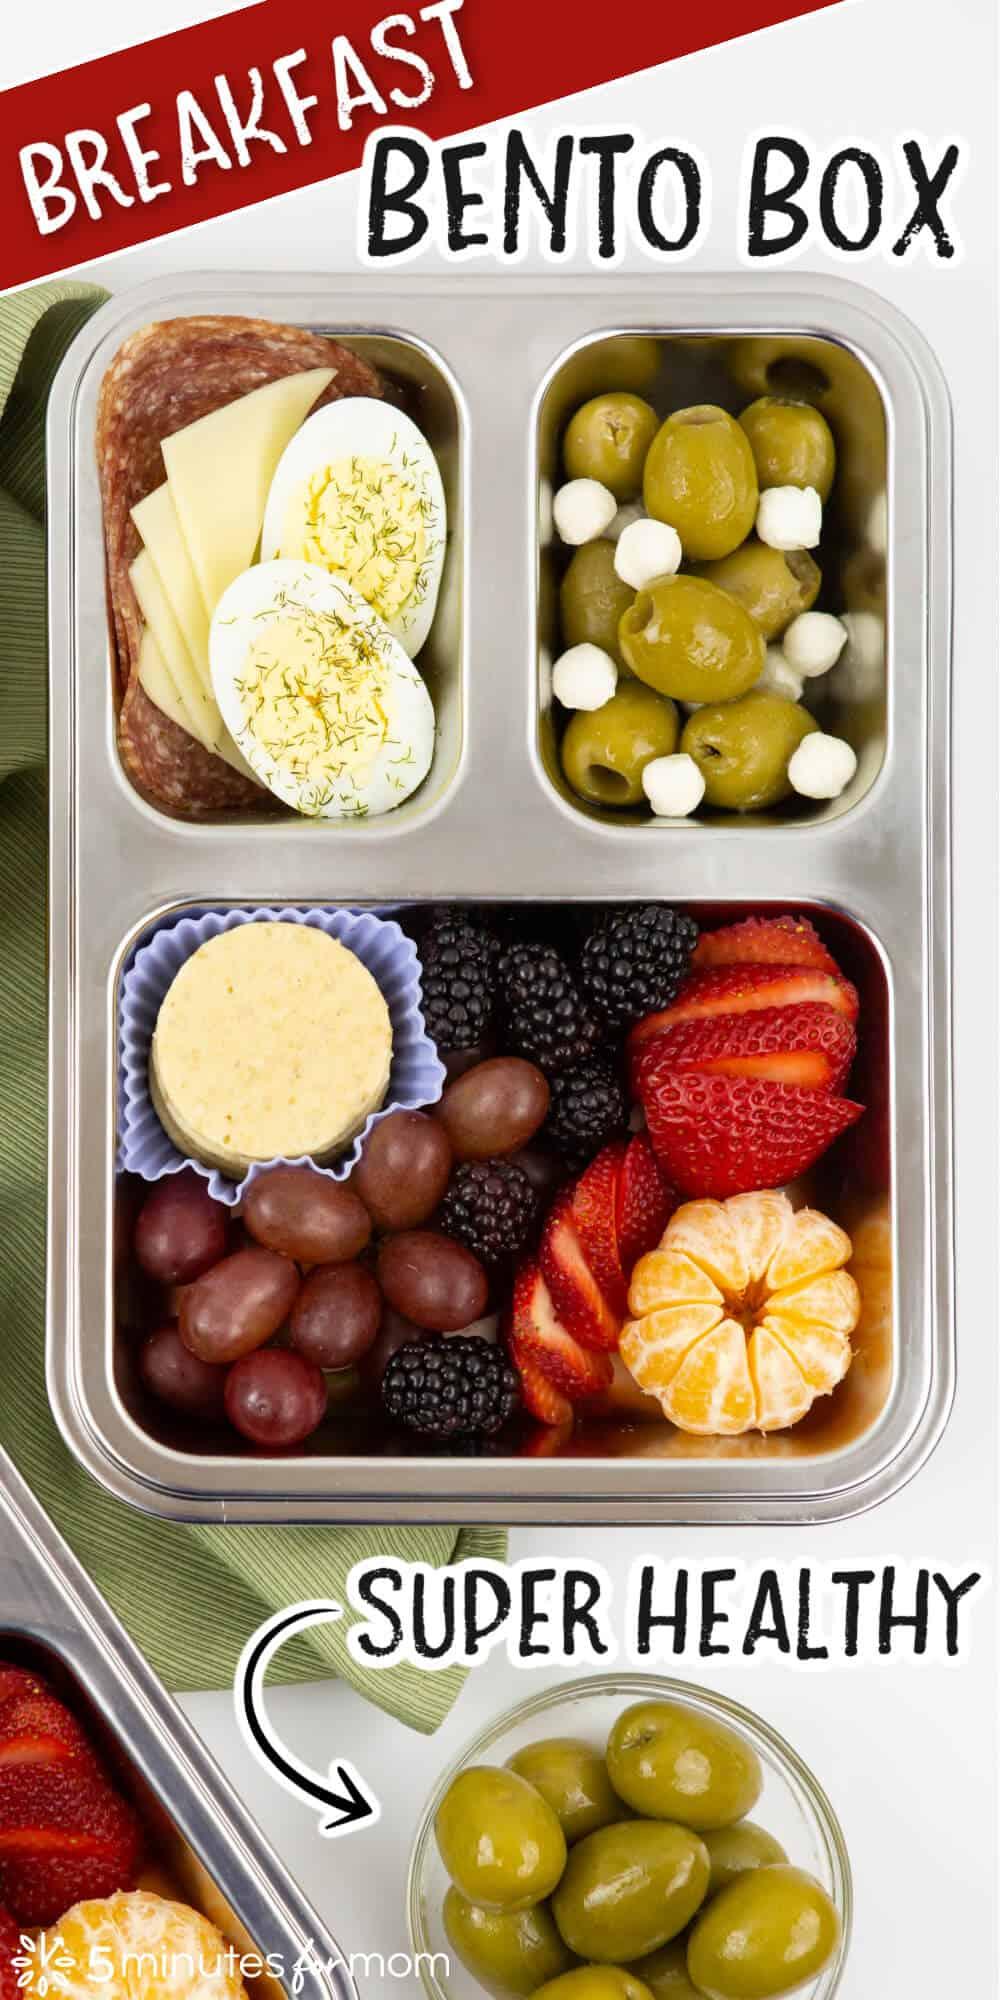 Breakfast Bento Box - Super Healthy